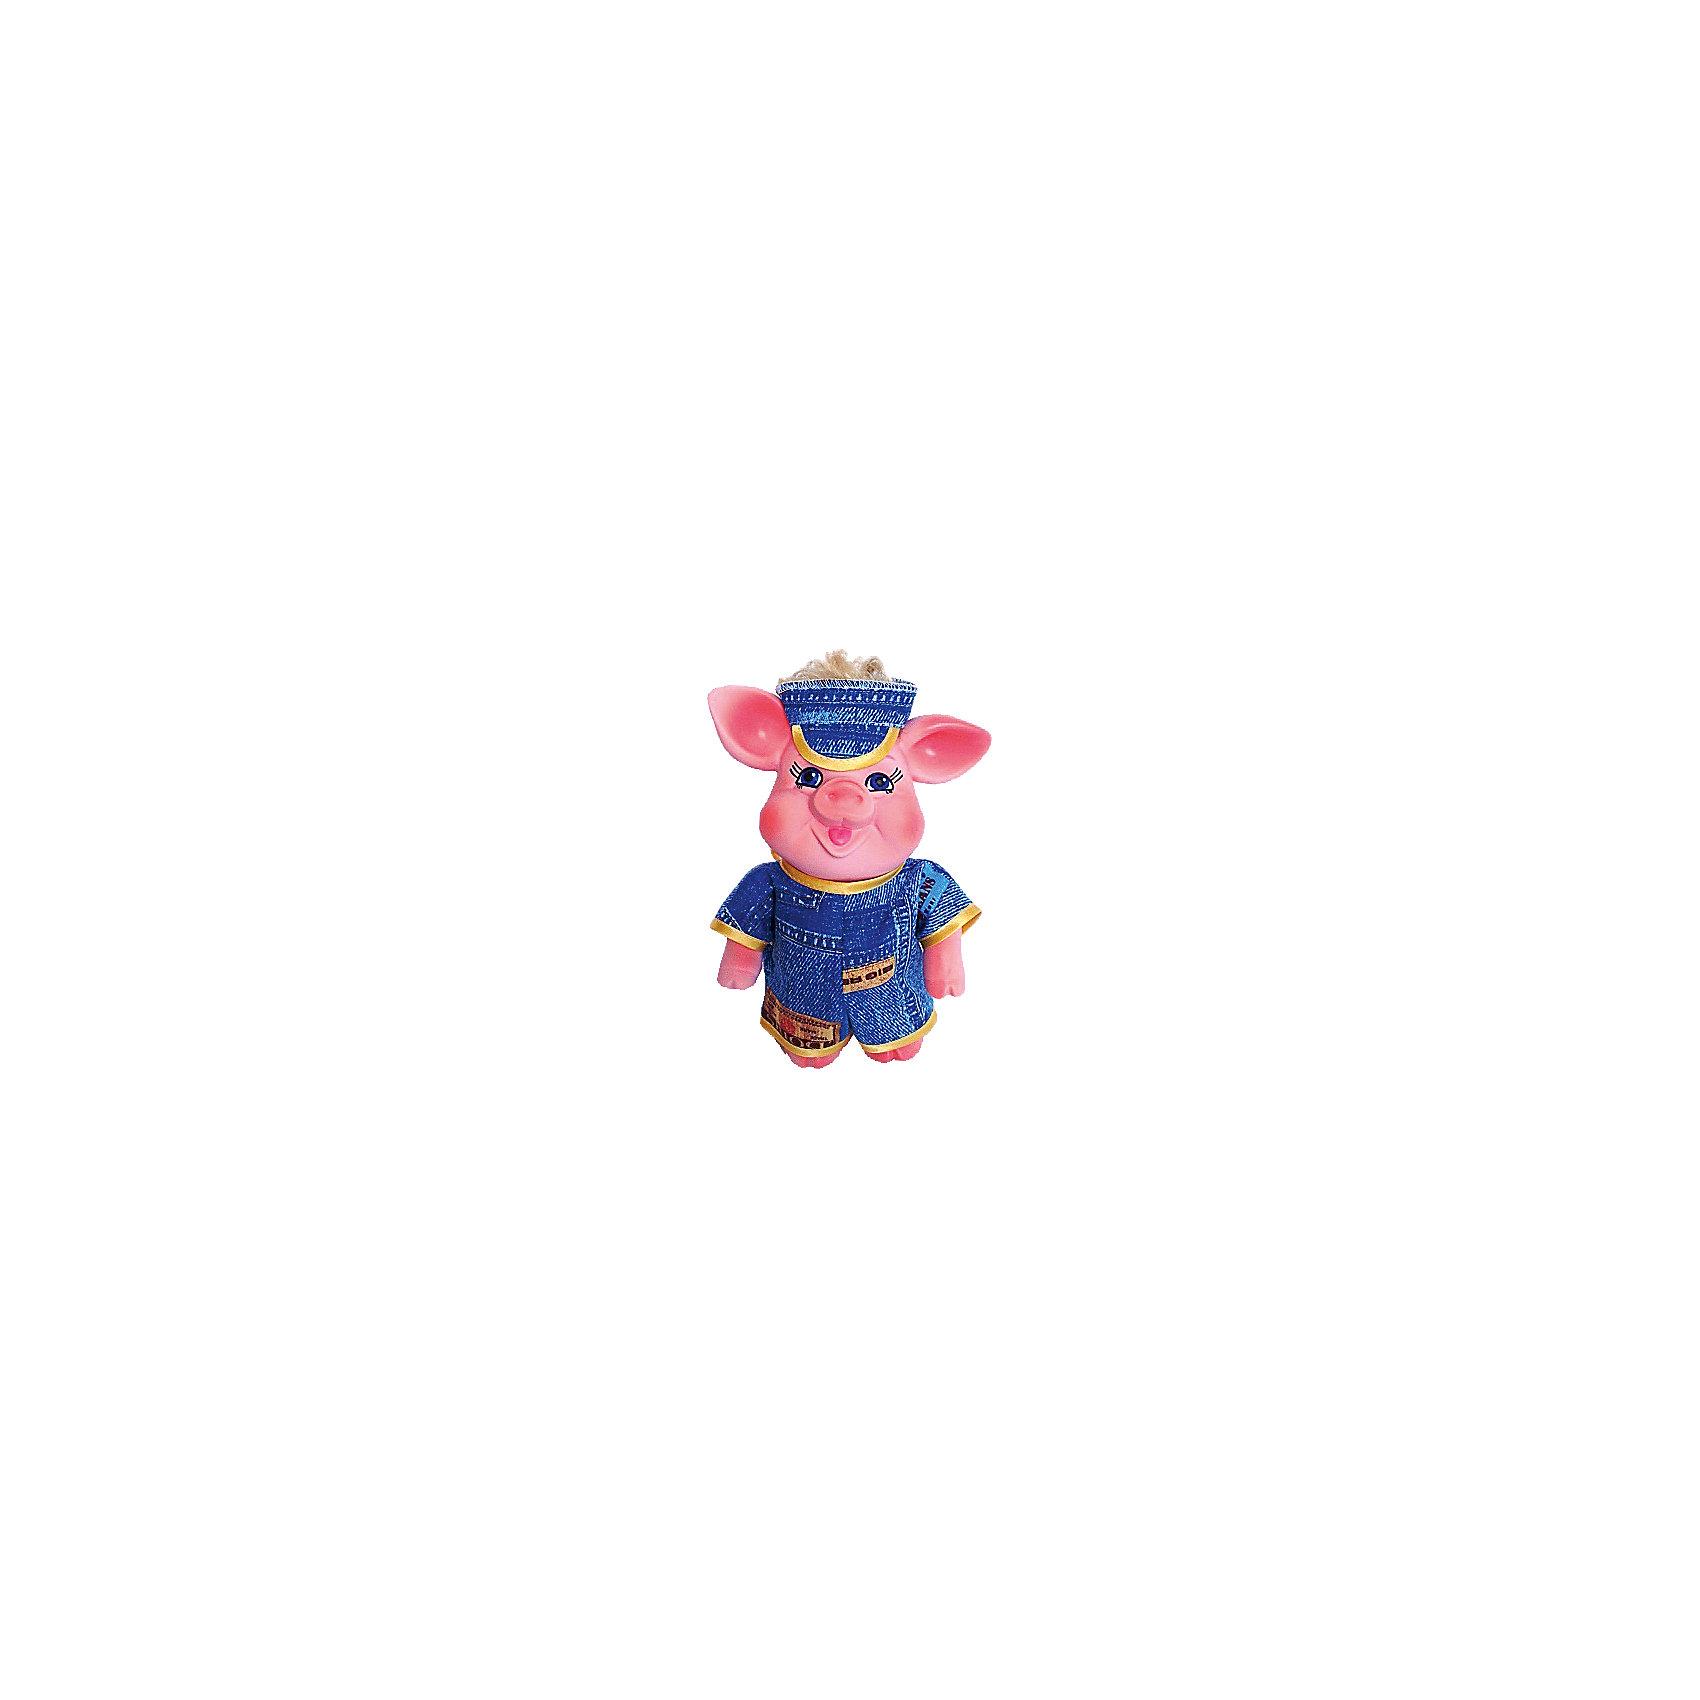 Свин-модник, КудесникиИгрушки для ванной<br>Свин-модник, Кудесники.<br><br>Характеристики:<br><br>- Высота: 20 см.<br>- Материал: ПВХ-пластизоль, текстиль<br><br>Игрушка в виде симпатичного улыбающегося поросенка с вшитыми искусственными волосами станет любимой игрушкой вашего малыша. Свин-модник одет в джинсовый комбинезон и теннисную кепку. Игрушка изготовлена из мягкого ПВХ-пластизоля, отвечает самым жестким требованиям безопасности.<br><br>Игрушку Свин-модник, Кудесники можно купить в нашем интернет-магазине.<br><br>Ширина мм: 70<br>Глубина мм: 100<br>Высота мм: 225<br>Вес г: 295<br>Возраст от месяцев: 12<br>Возраст до месяцев: 36<br>Пол: Унисекс<br>Возраст: Детский<br>SKU: 4896469